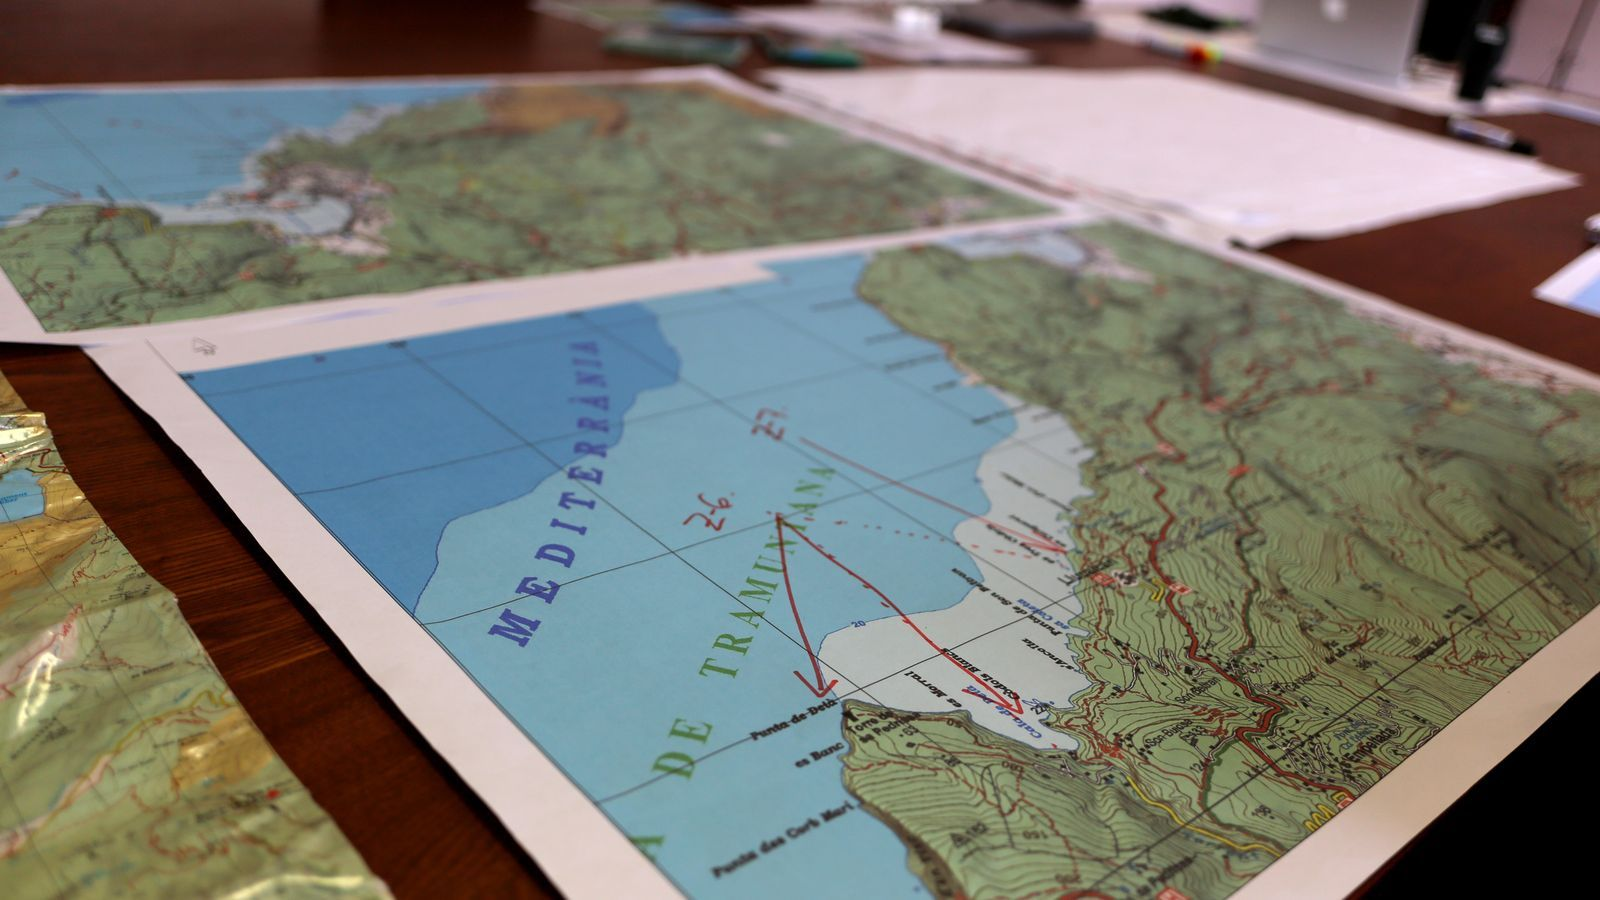 Plànols de la zona on es fa la recerca del desaparegut David Cabrera